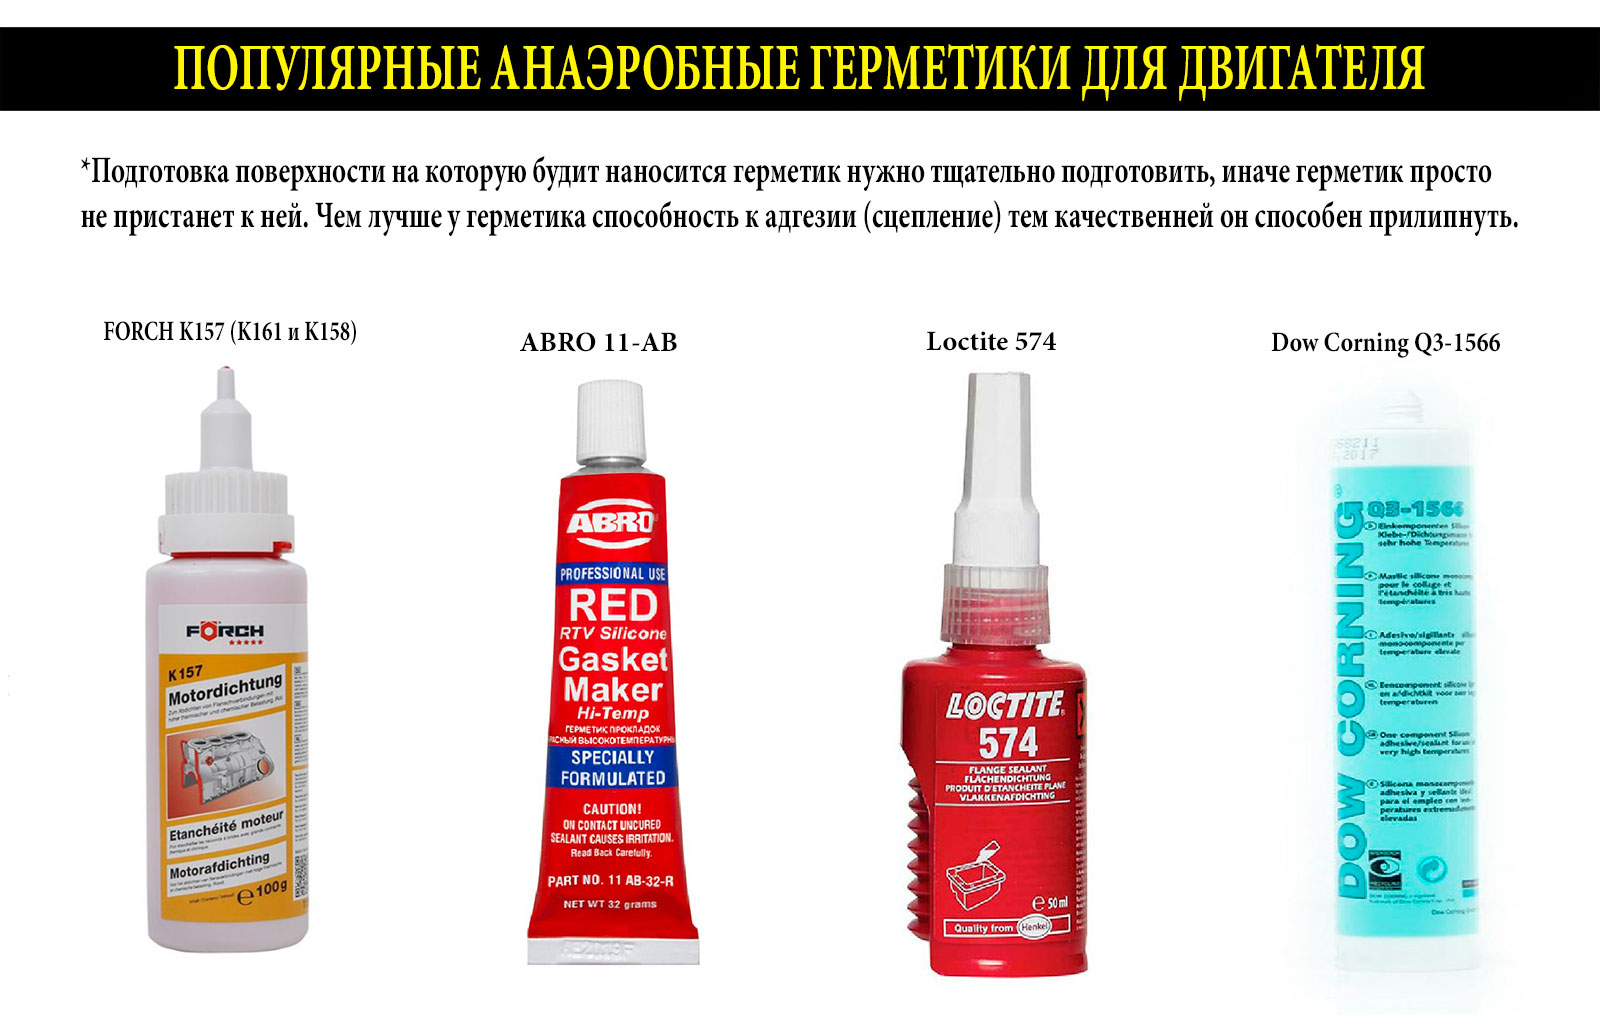 Анаэробный герметик: достоинства и свойства, лучшие марки